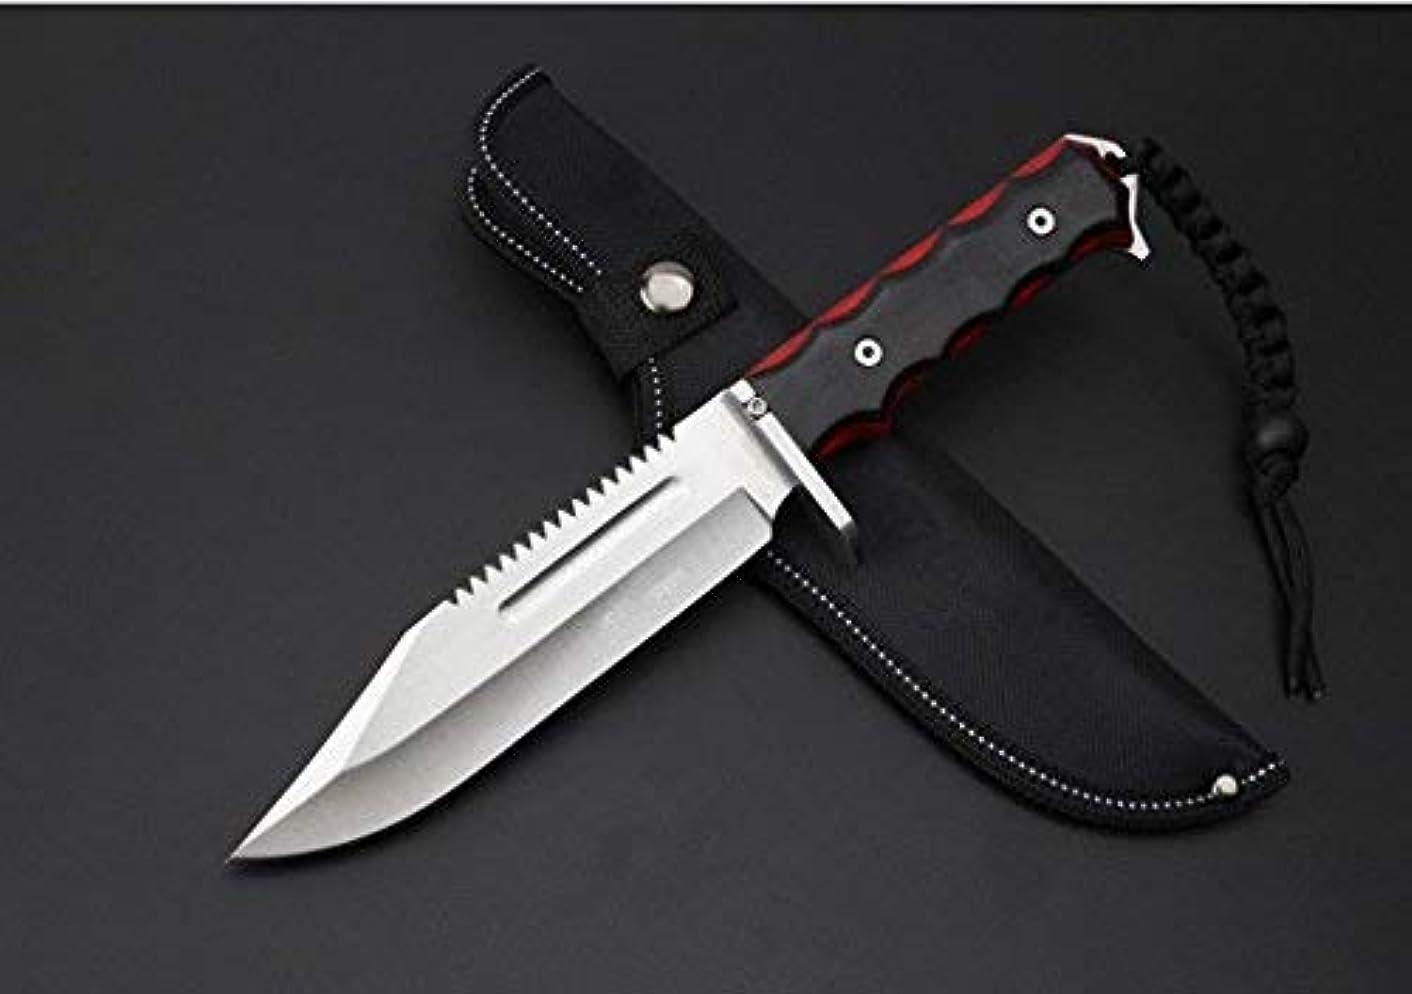 反逆ステープルアニメーションFARDEER KNIFE ナイフ キャンプナイフ フィッシングナイフ狩猟用ナイフ シースナイフ家庭用バーベキュー キャンプ用品